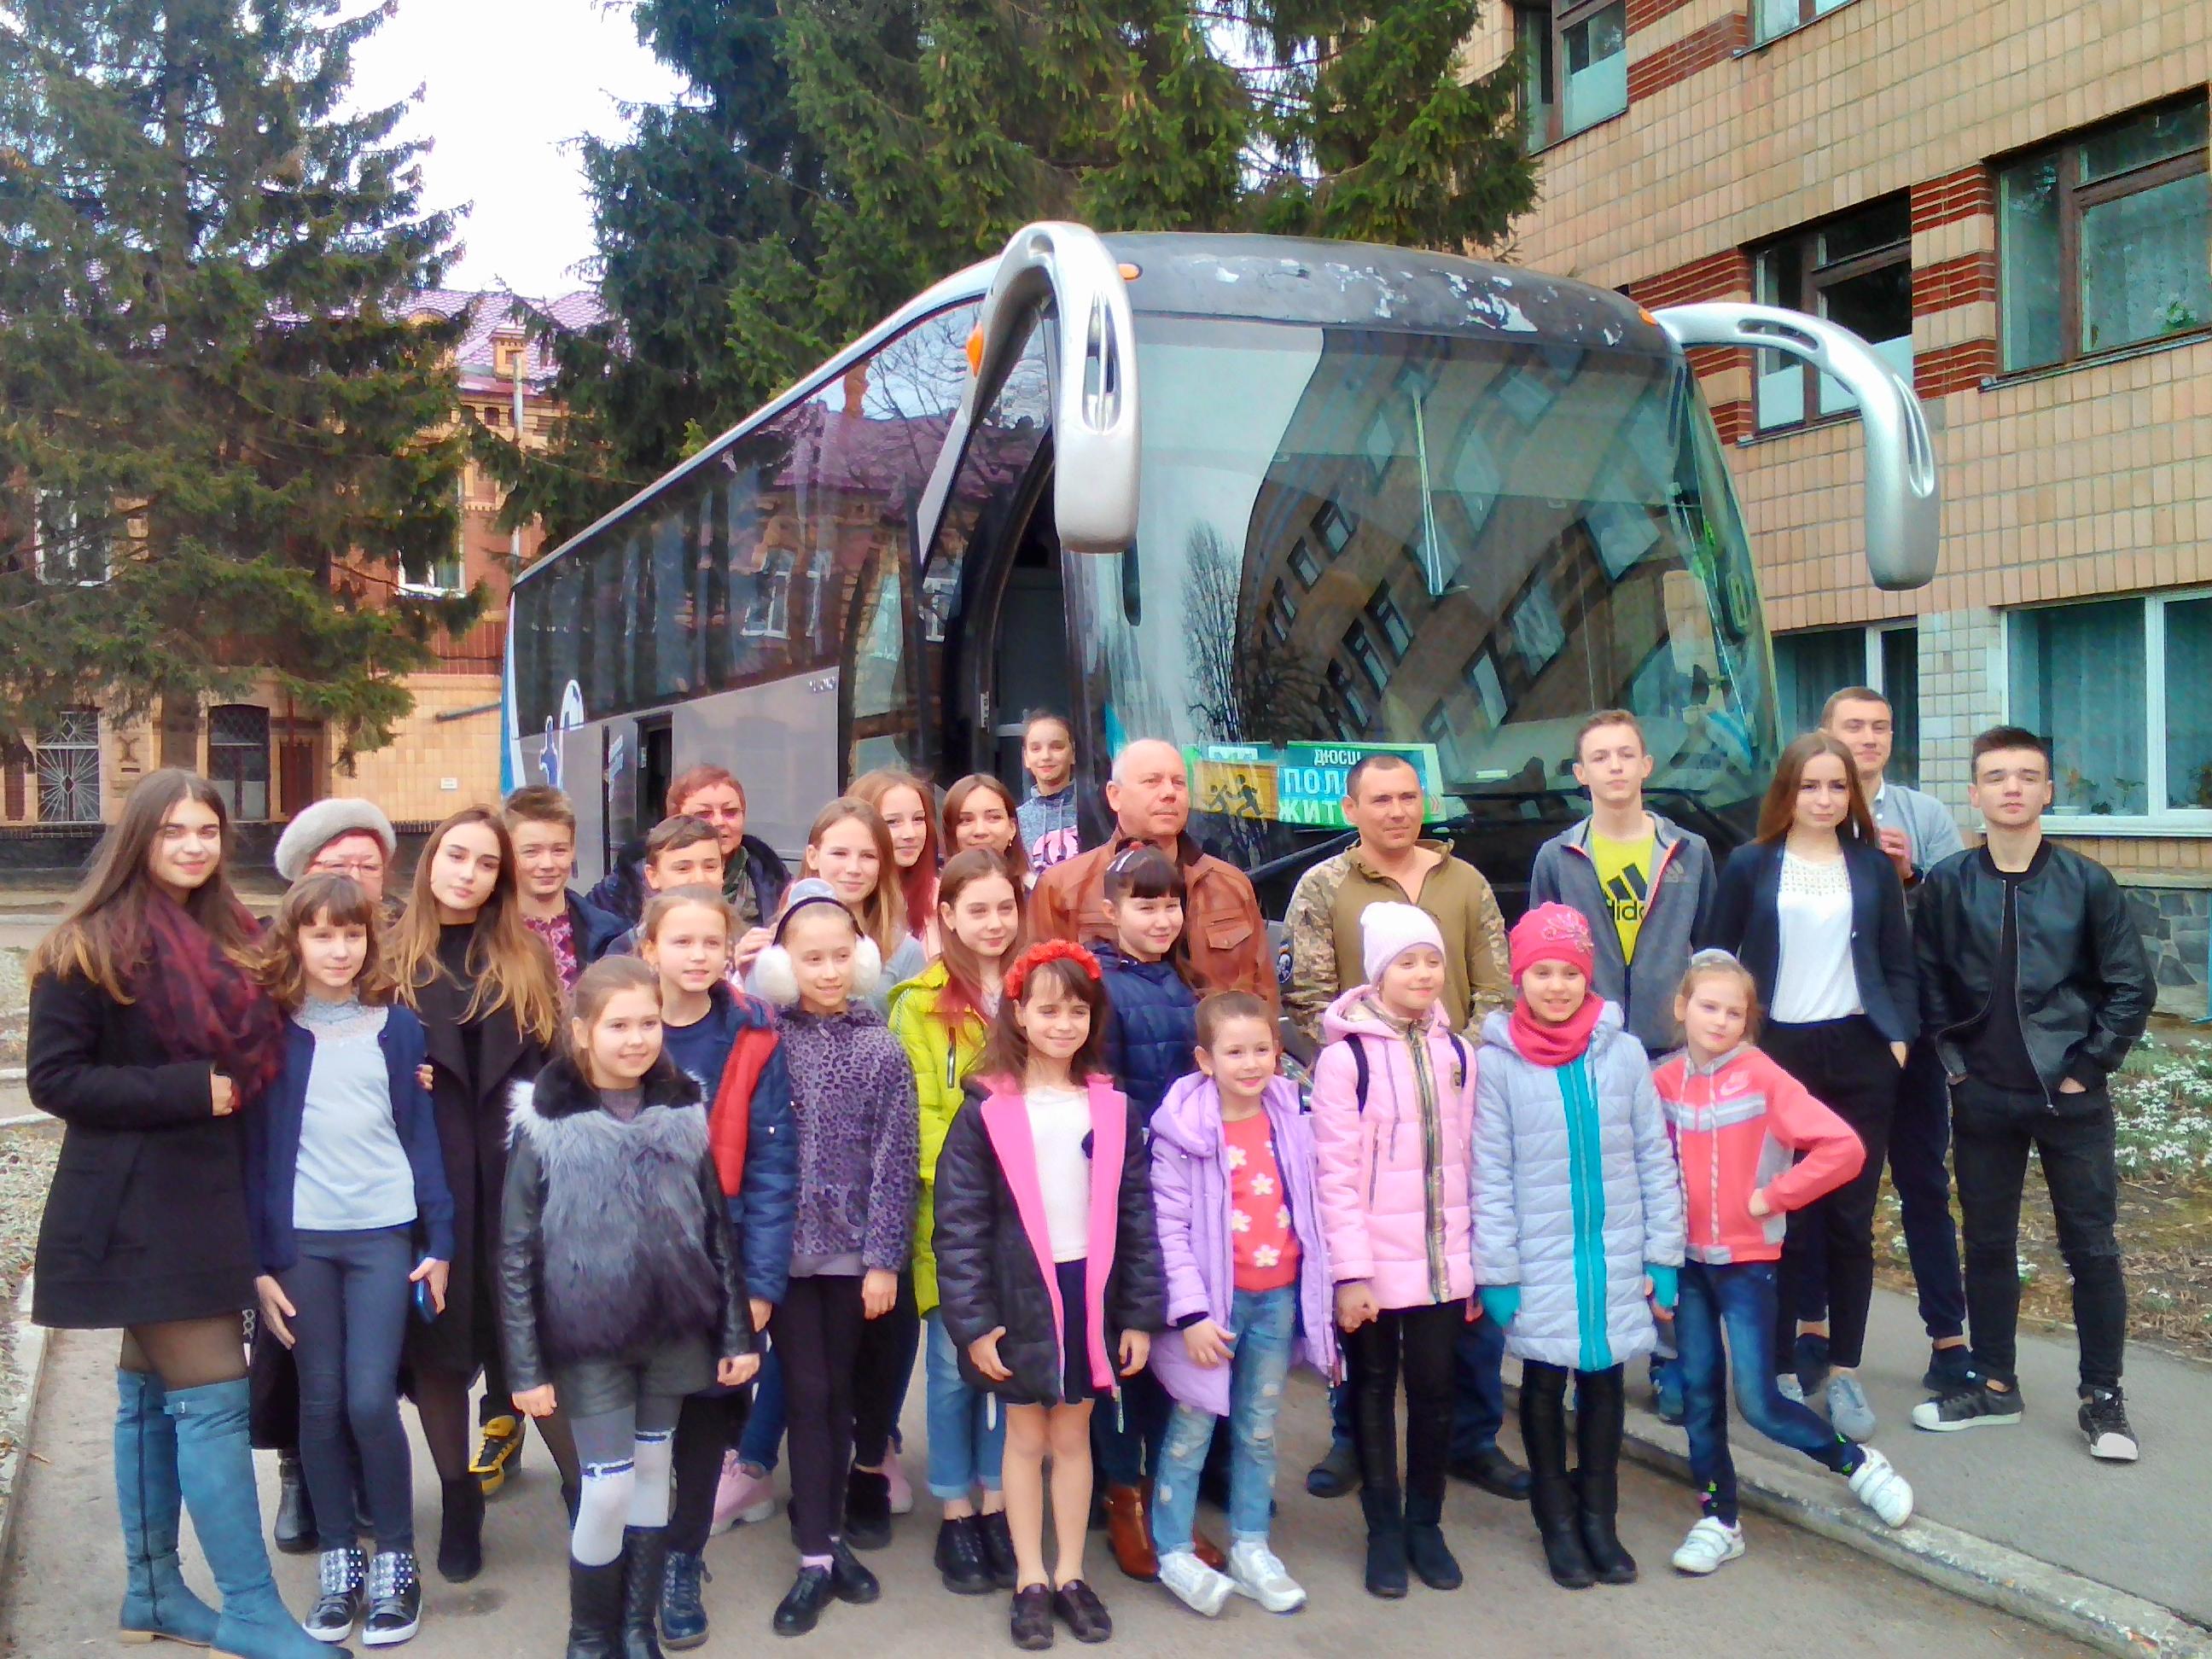 З весняним концертом   та гарним настроєм  приїхали  до  госпіталю вихованці ЗОШ № 17 та  народний хореографічний  ансамбль «ТІП-ТОП»  з Житомира.